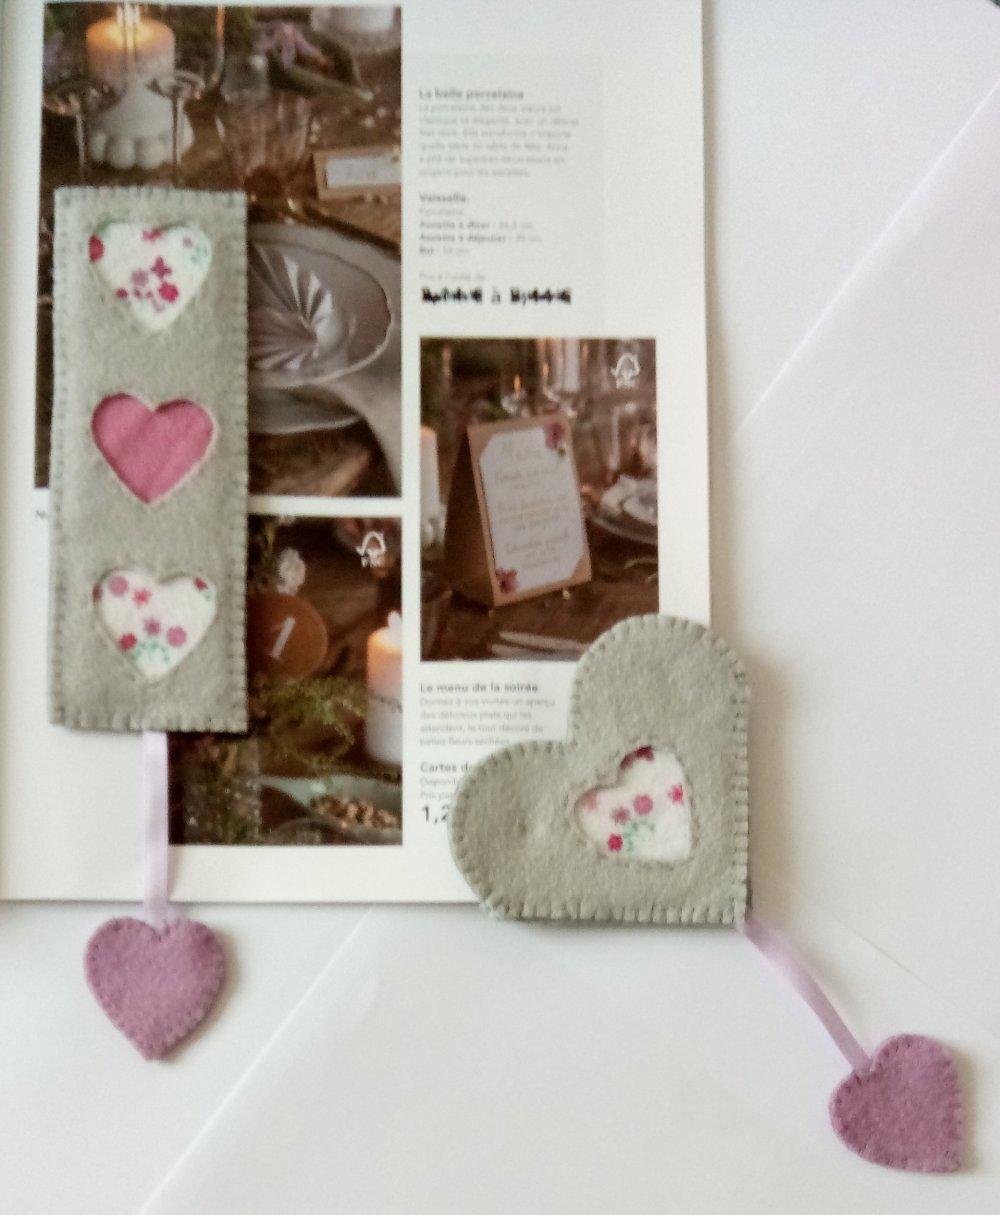 Marque-page chic et romantique. Base grise agrémenté de petits cœurs unis ou fleuris dans les tons vert, bleu d'eau ou rose, mauve.